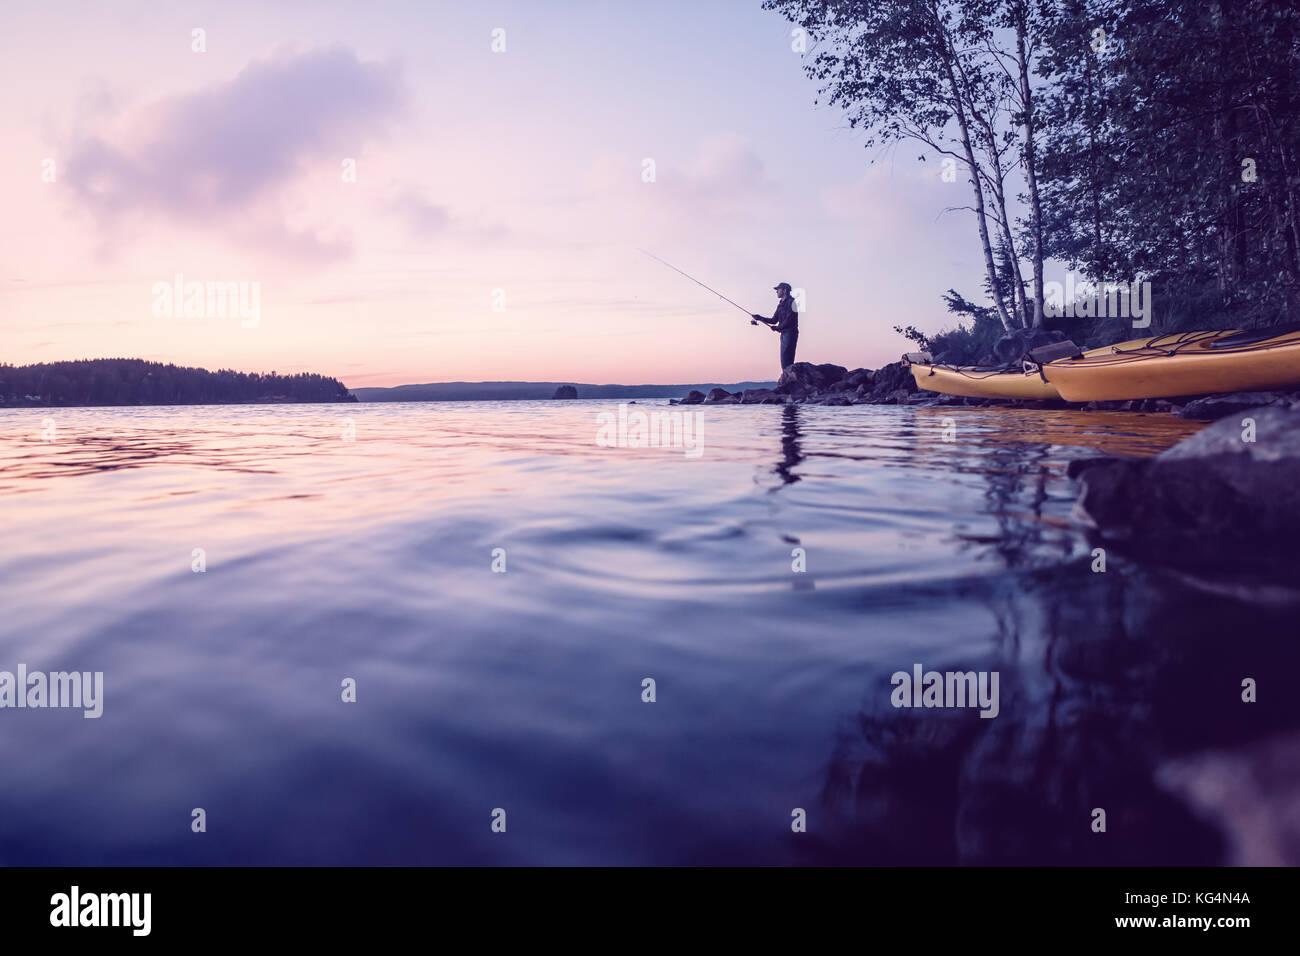 Angeln an einem wunderschönen See Stockbild